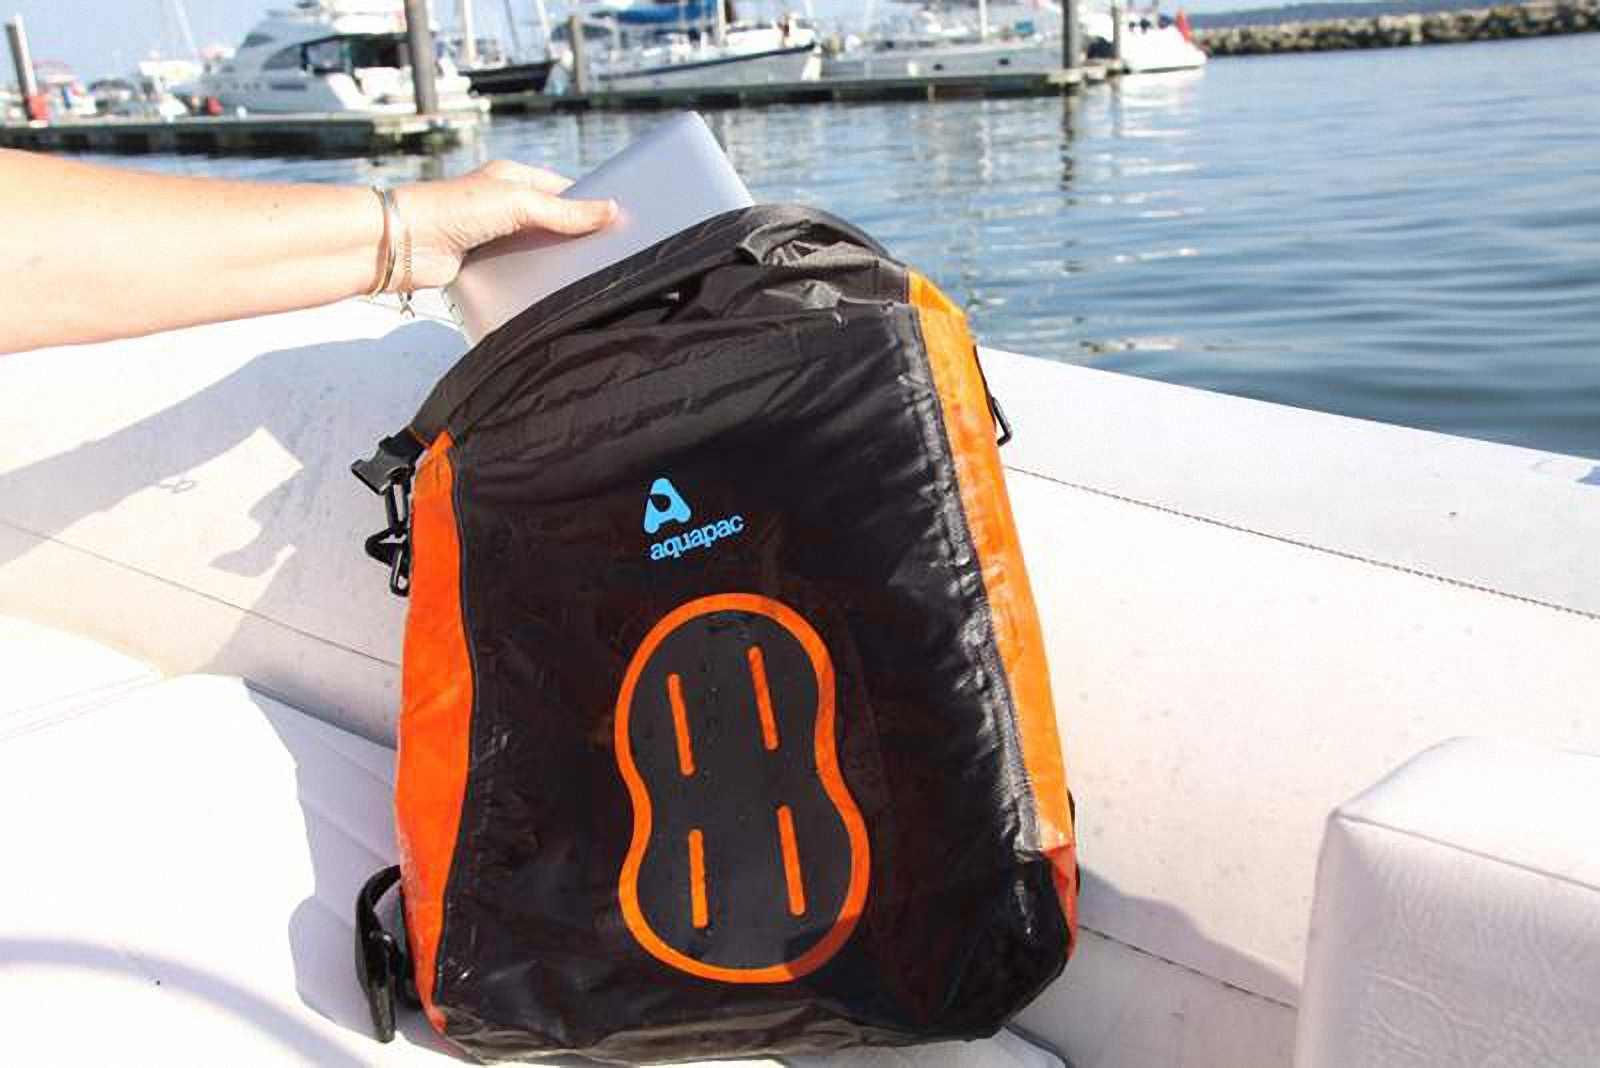 Водонепроницаемая сумка Aquapac 025 - Stormproof Padded Dry Bag.. Aquapac - №1 в мире водонепроницаемых чехлов и сумок. Фото 8